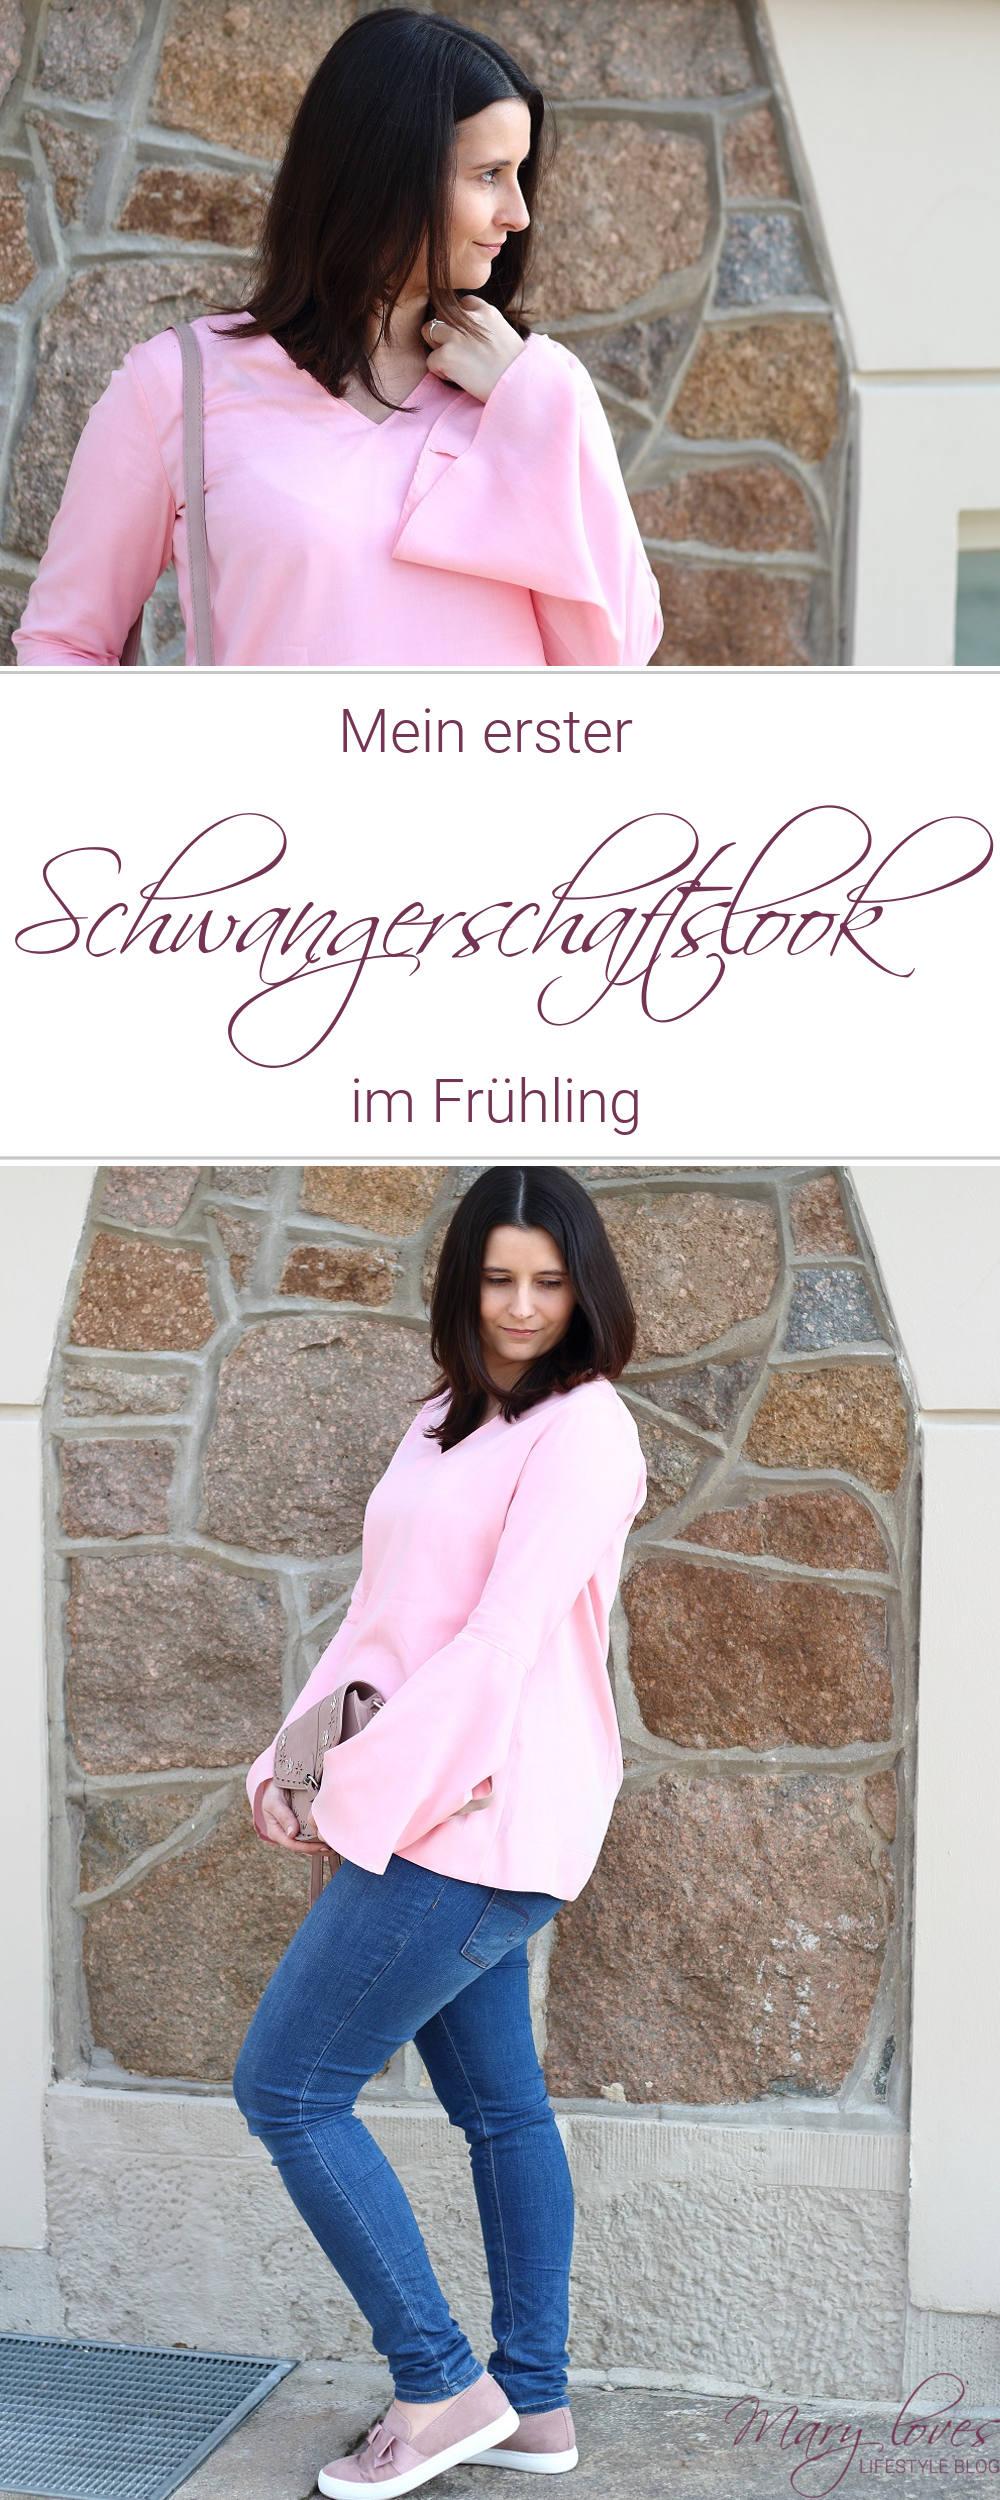 [Anzeige] Mein erster Schwangerschaftslook im Frühling mit ETERNA - #ETERNA #Bluse #Schwangerschanftslook #Schwangerschaftsoutfit #Outfit #Frühlingslook #Umstandsoutfit